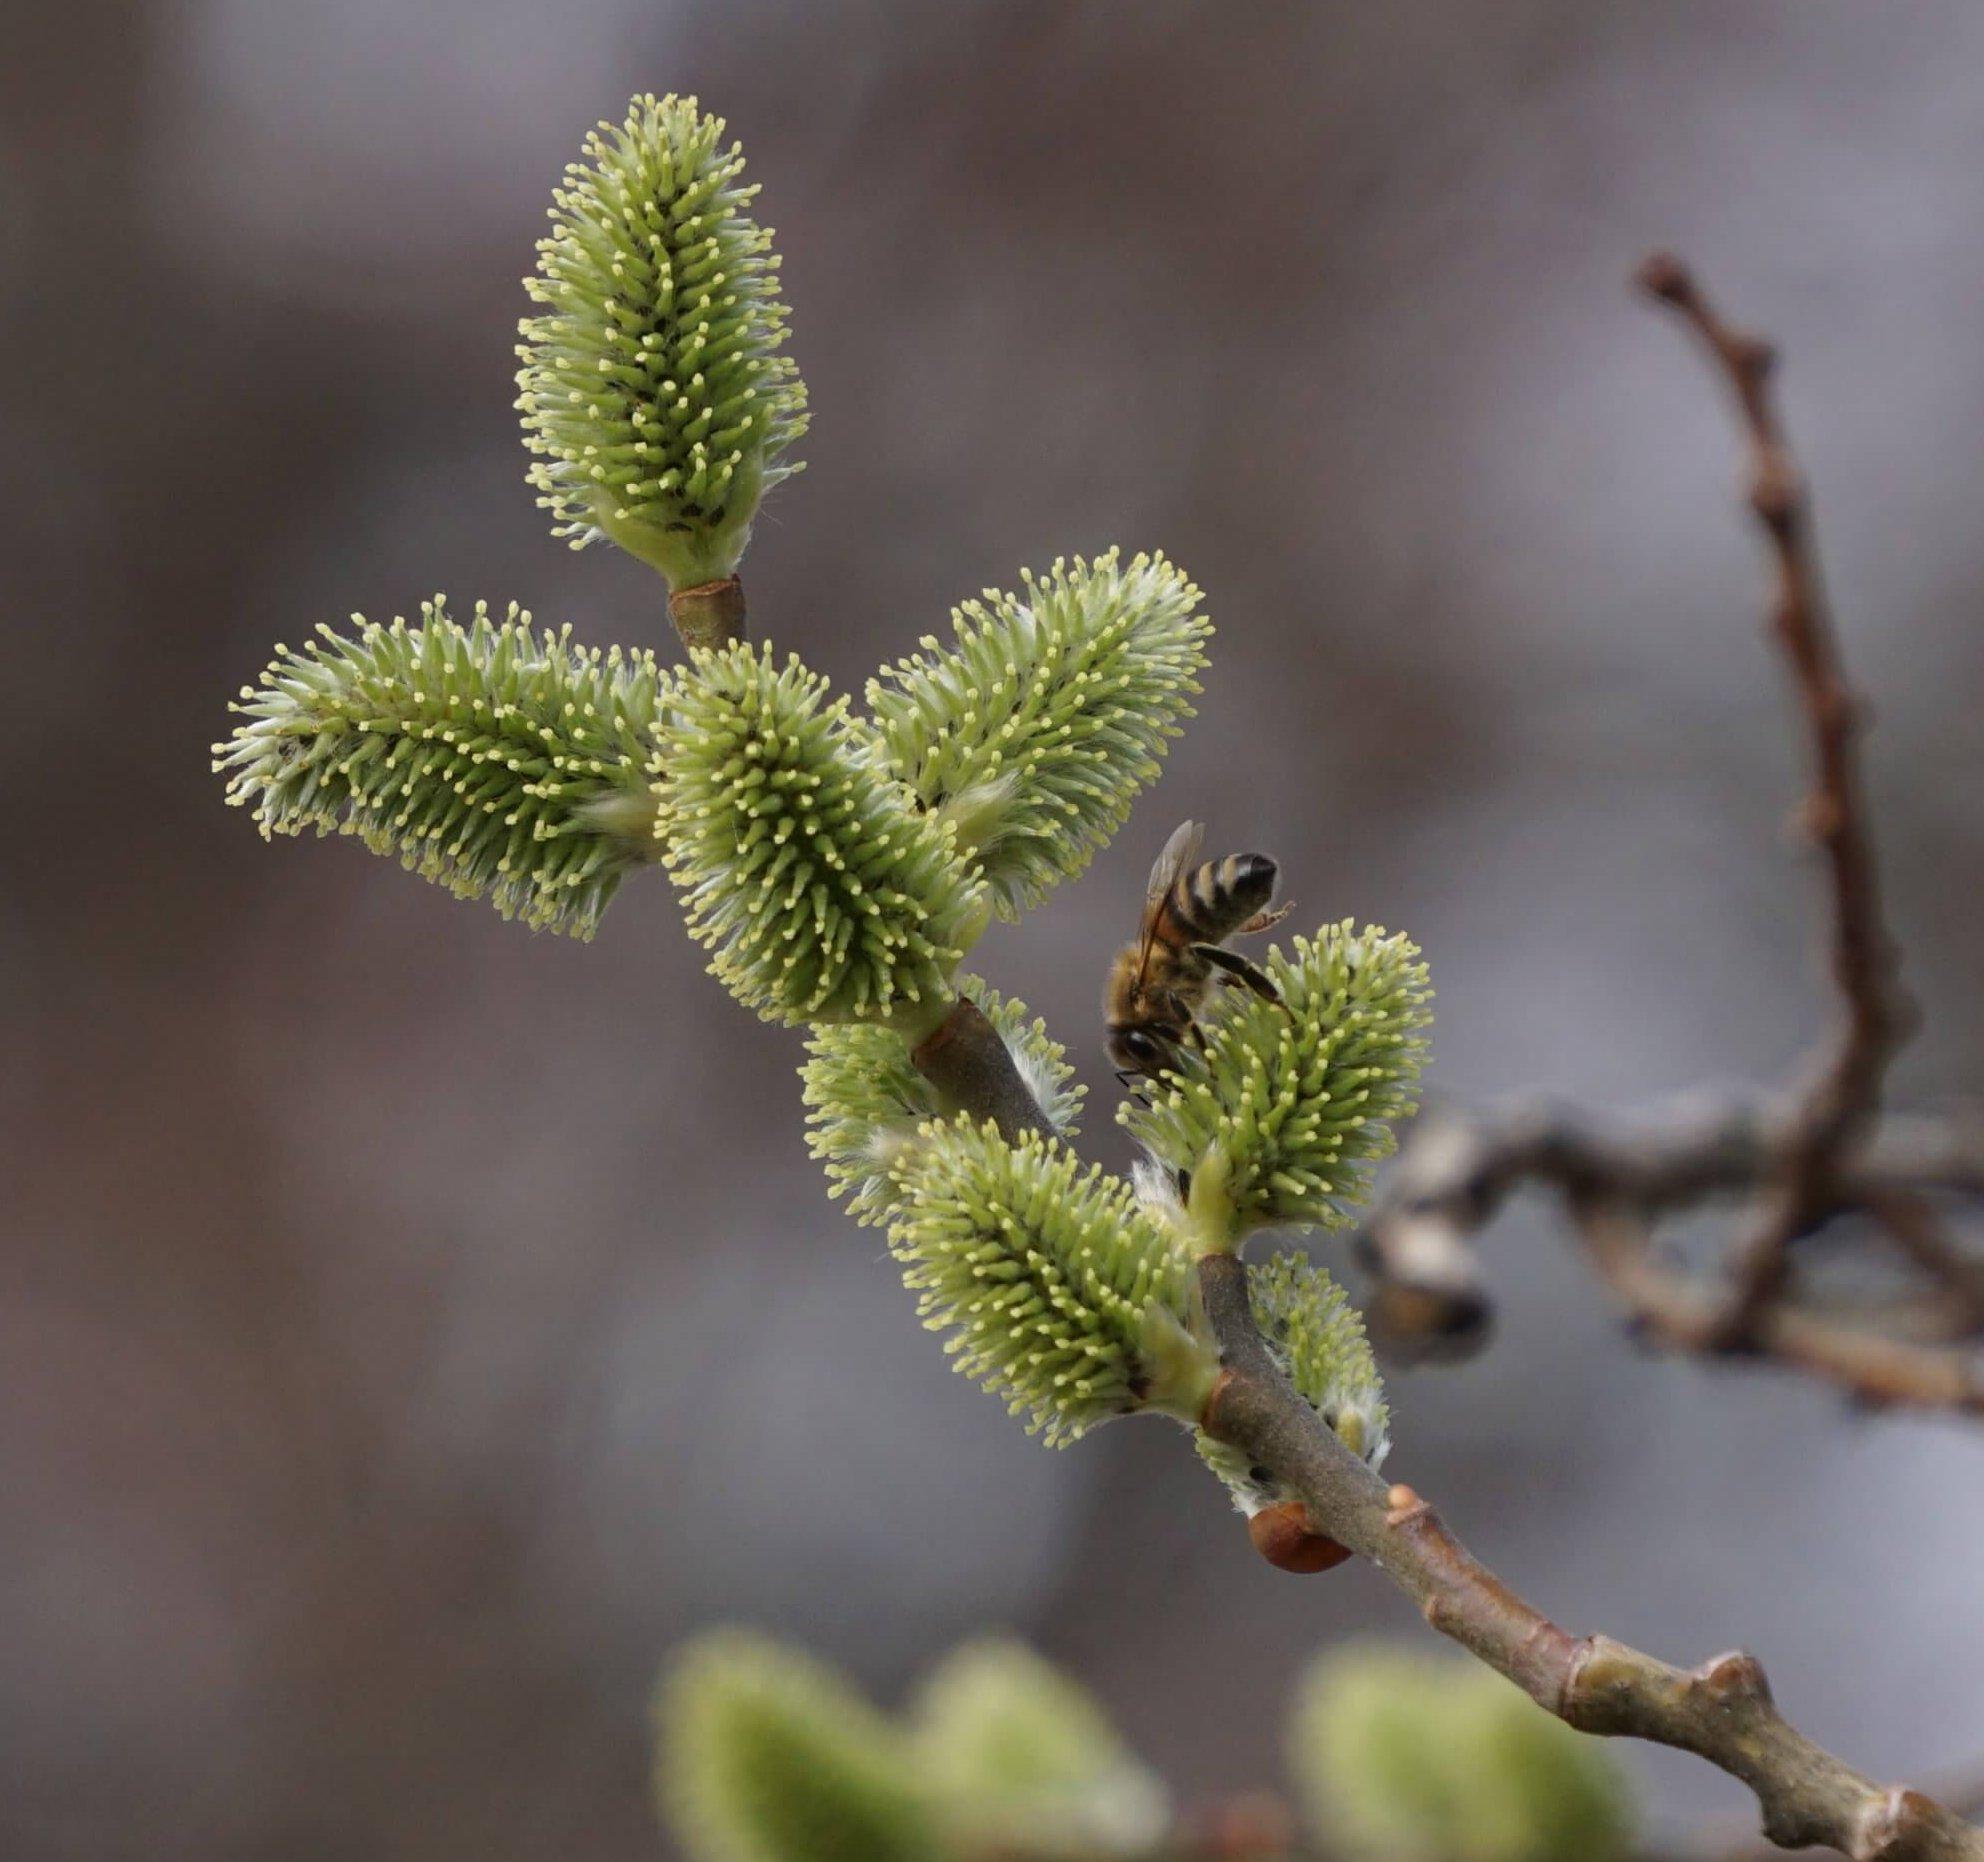 Das Bild zeigt die weiblichen Blütenkätzchen der Sal-Weide an einem Baum im Grünzug des Kosmosviertels. Die Fruchtblätter, die an den Enden die Narben tragen, sind jetzt sichtbar und stehen ab. Nektardrüsen ziehen Insekten an wie hier eine Biene. März 2021.